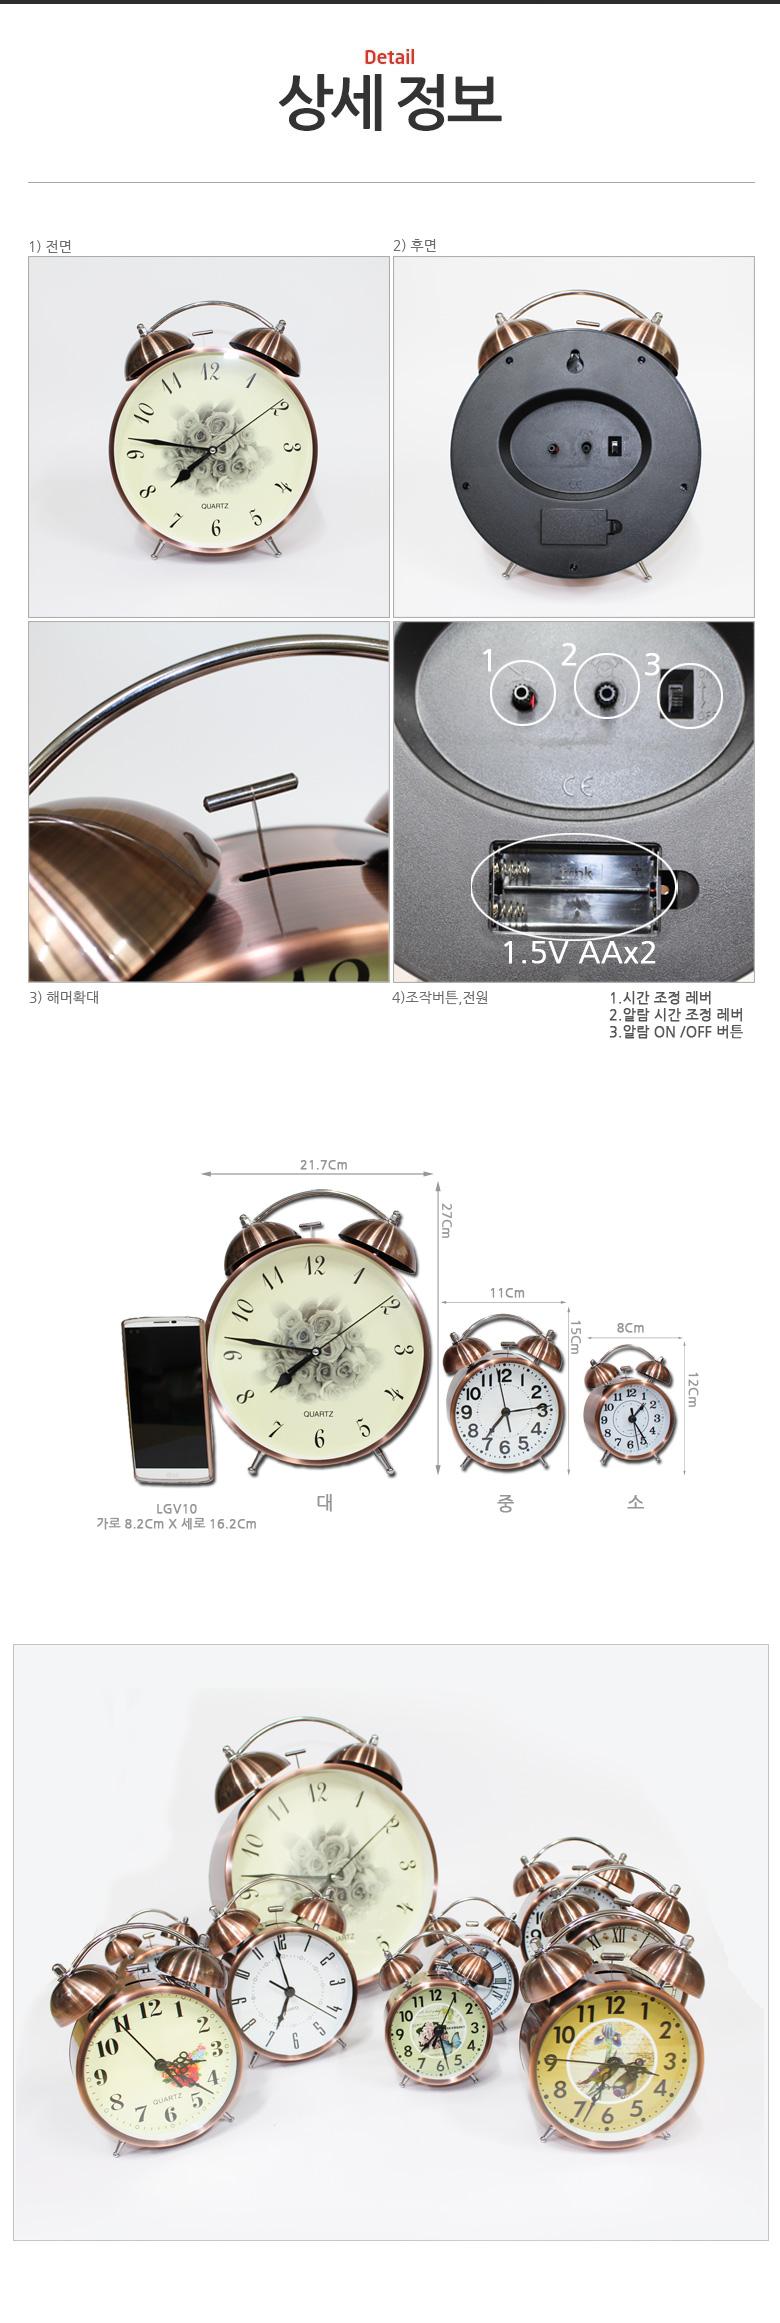 앤틱해머벨알람시계-소-심플숫자 - 듀니, 12,000원, 알람/탁상시계, 알람시계